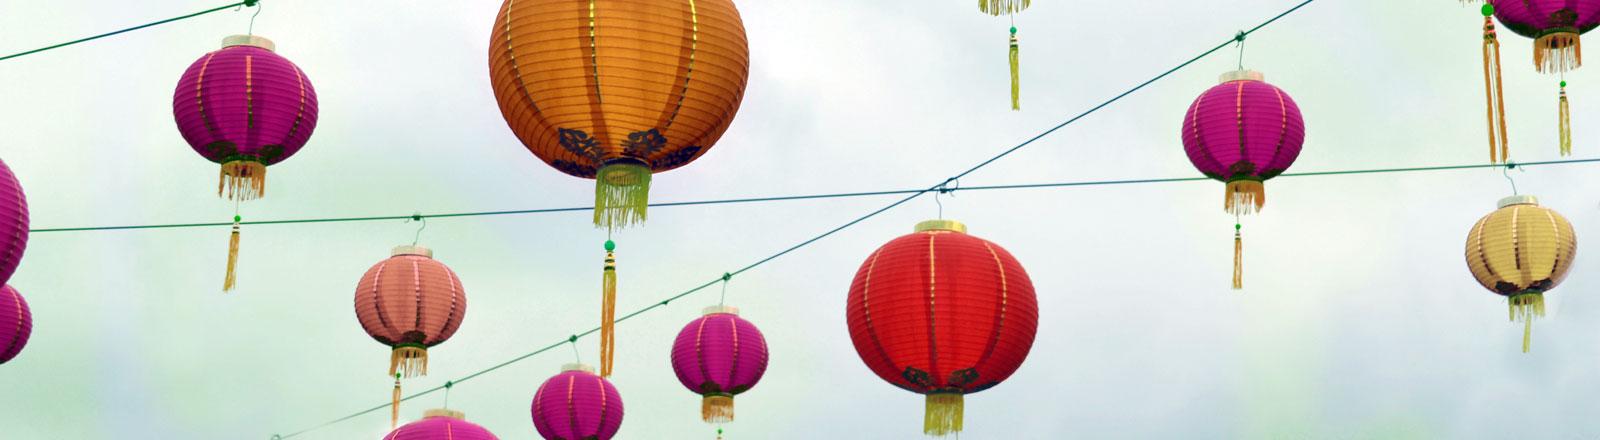 Chinesische Lampions.